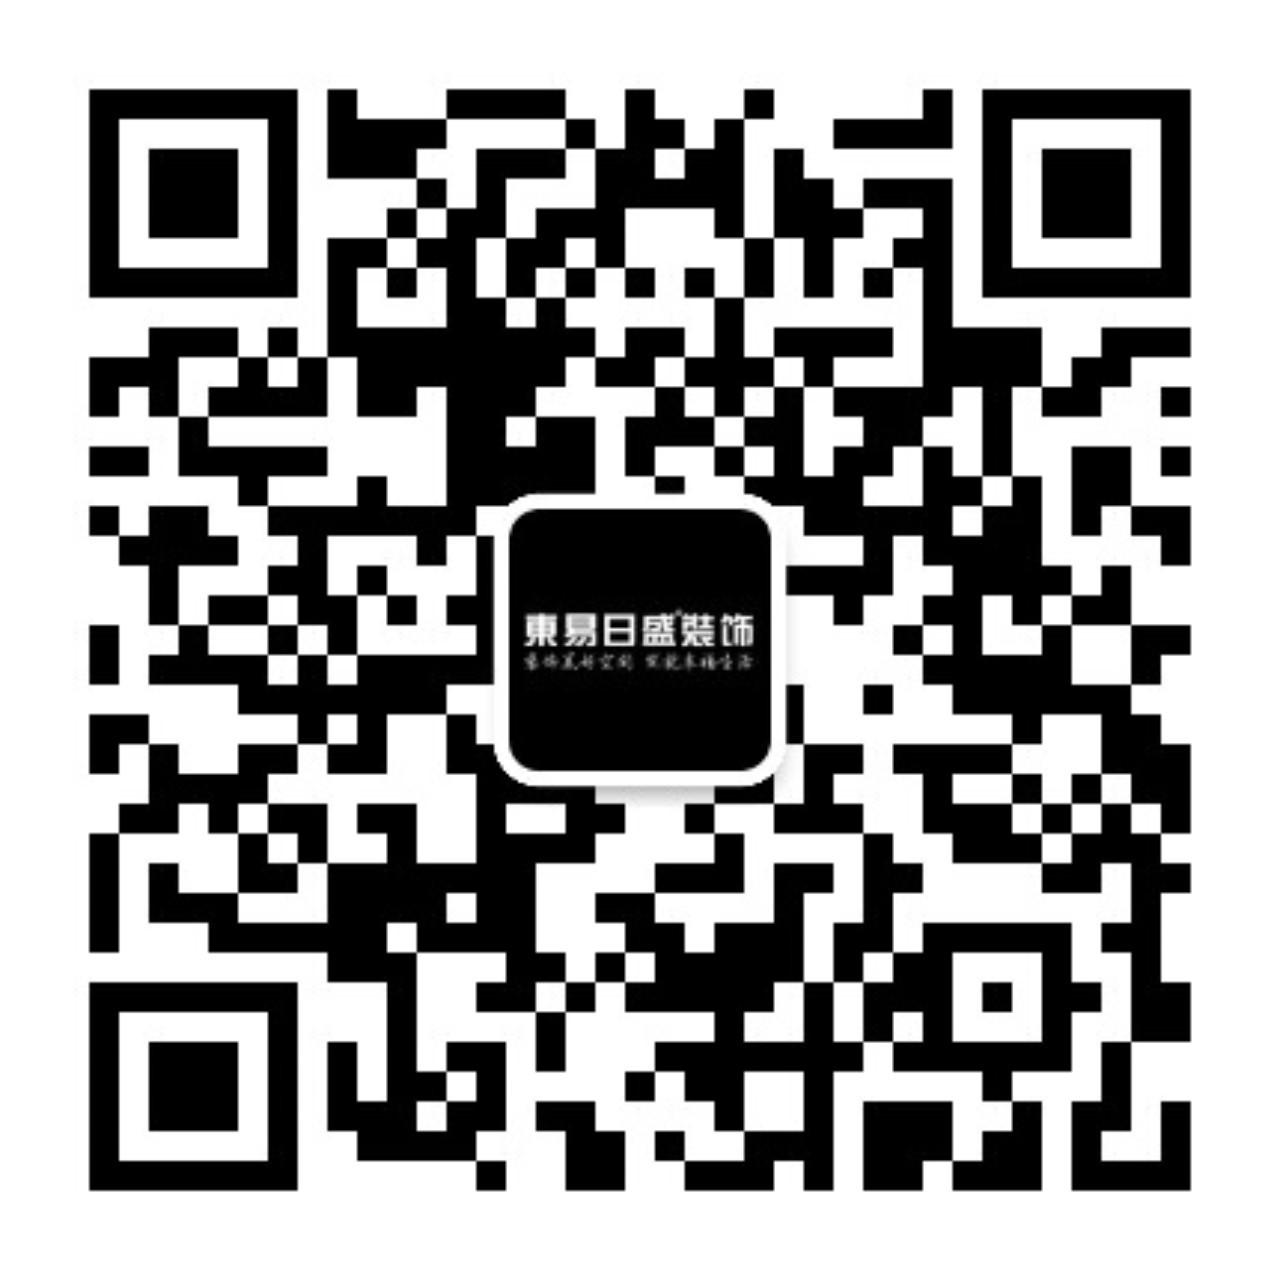 東易日盛官方微信